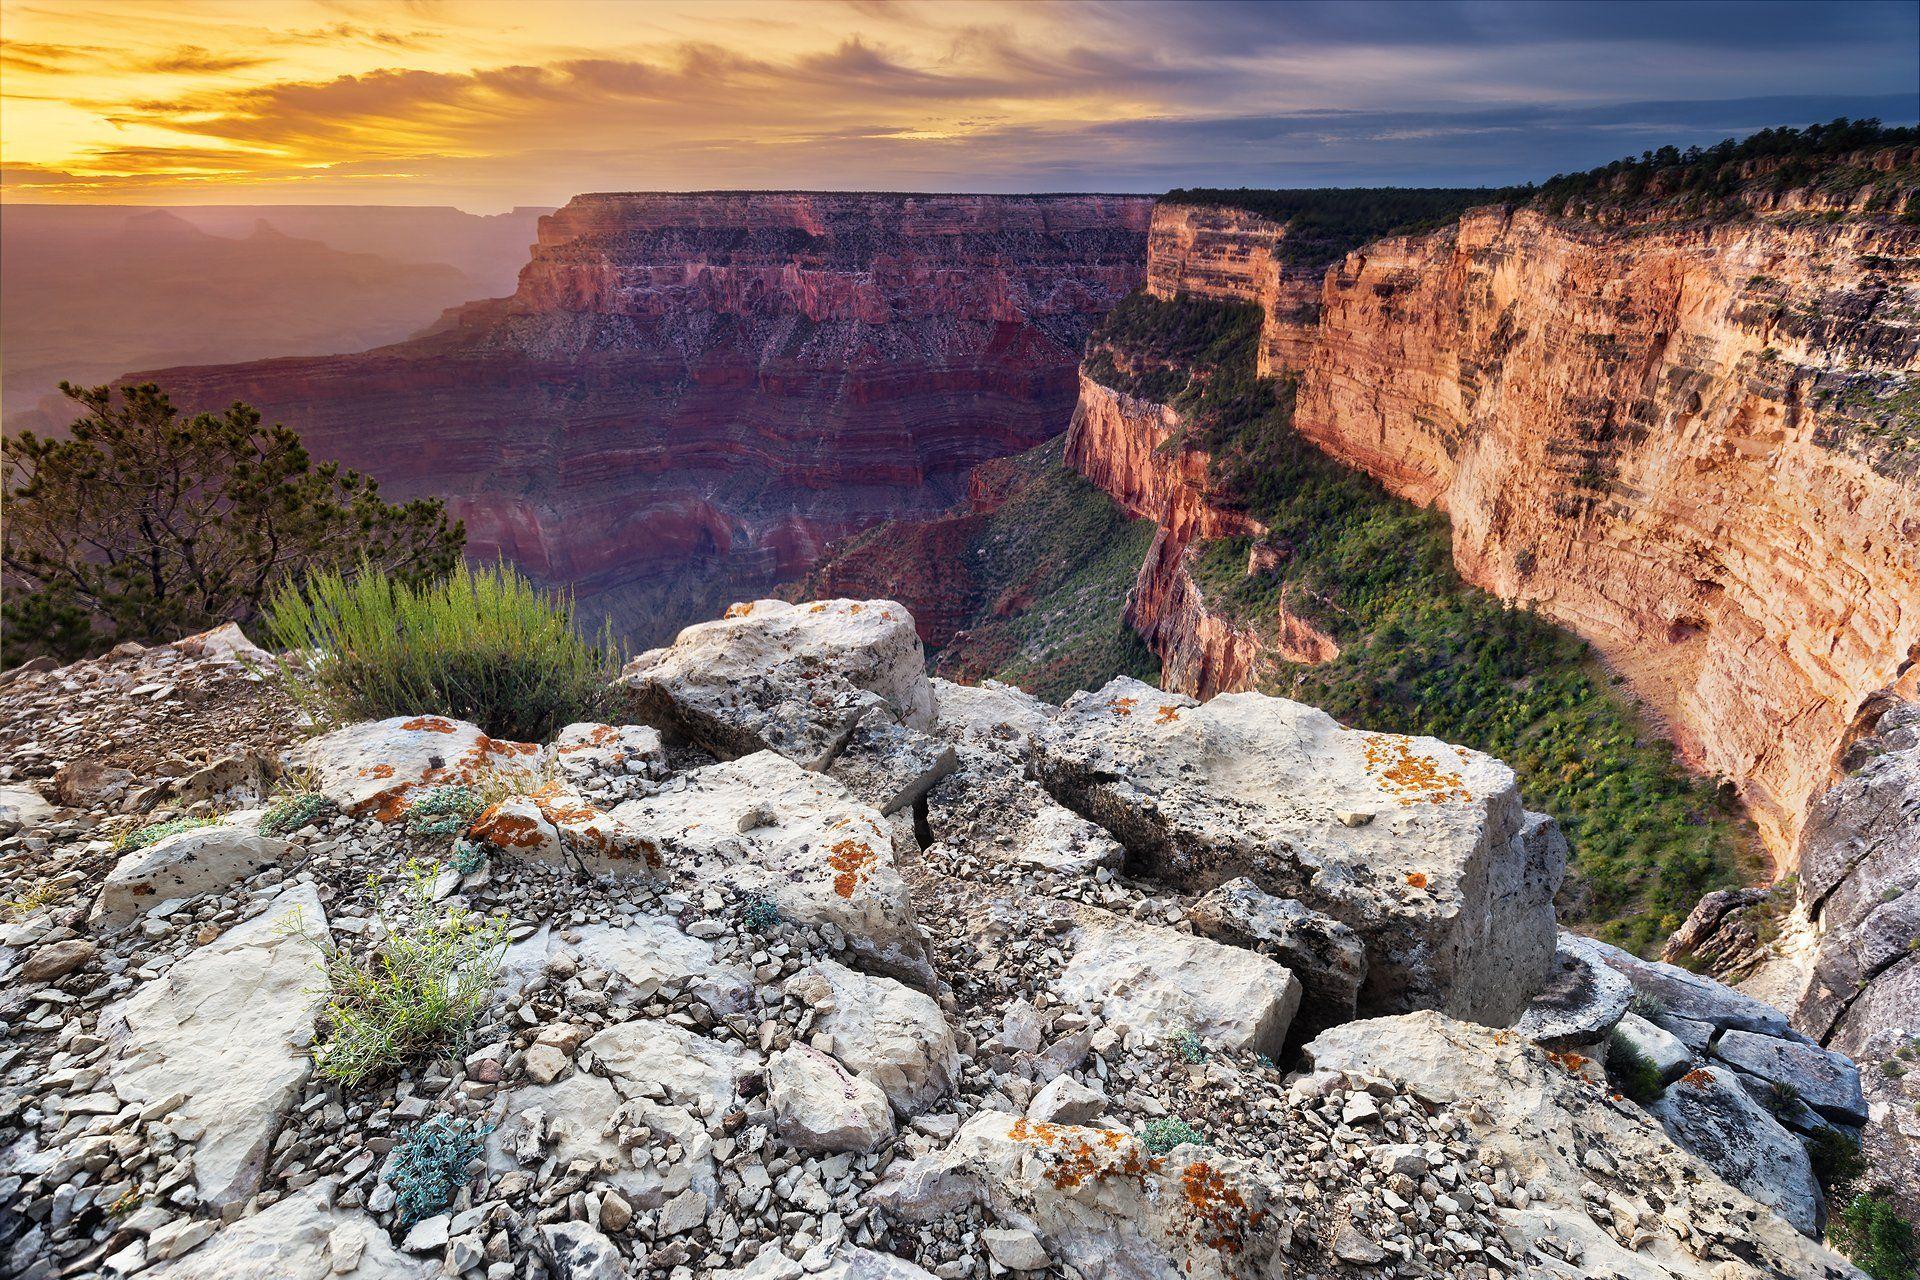 сша, северная америка, аризона, большой каньон, гранд каньон, рассвет, утро, природа, пейзаж, свет, небо, лучи, солнце, путешествие, Дмитрий Абрамов